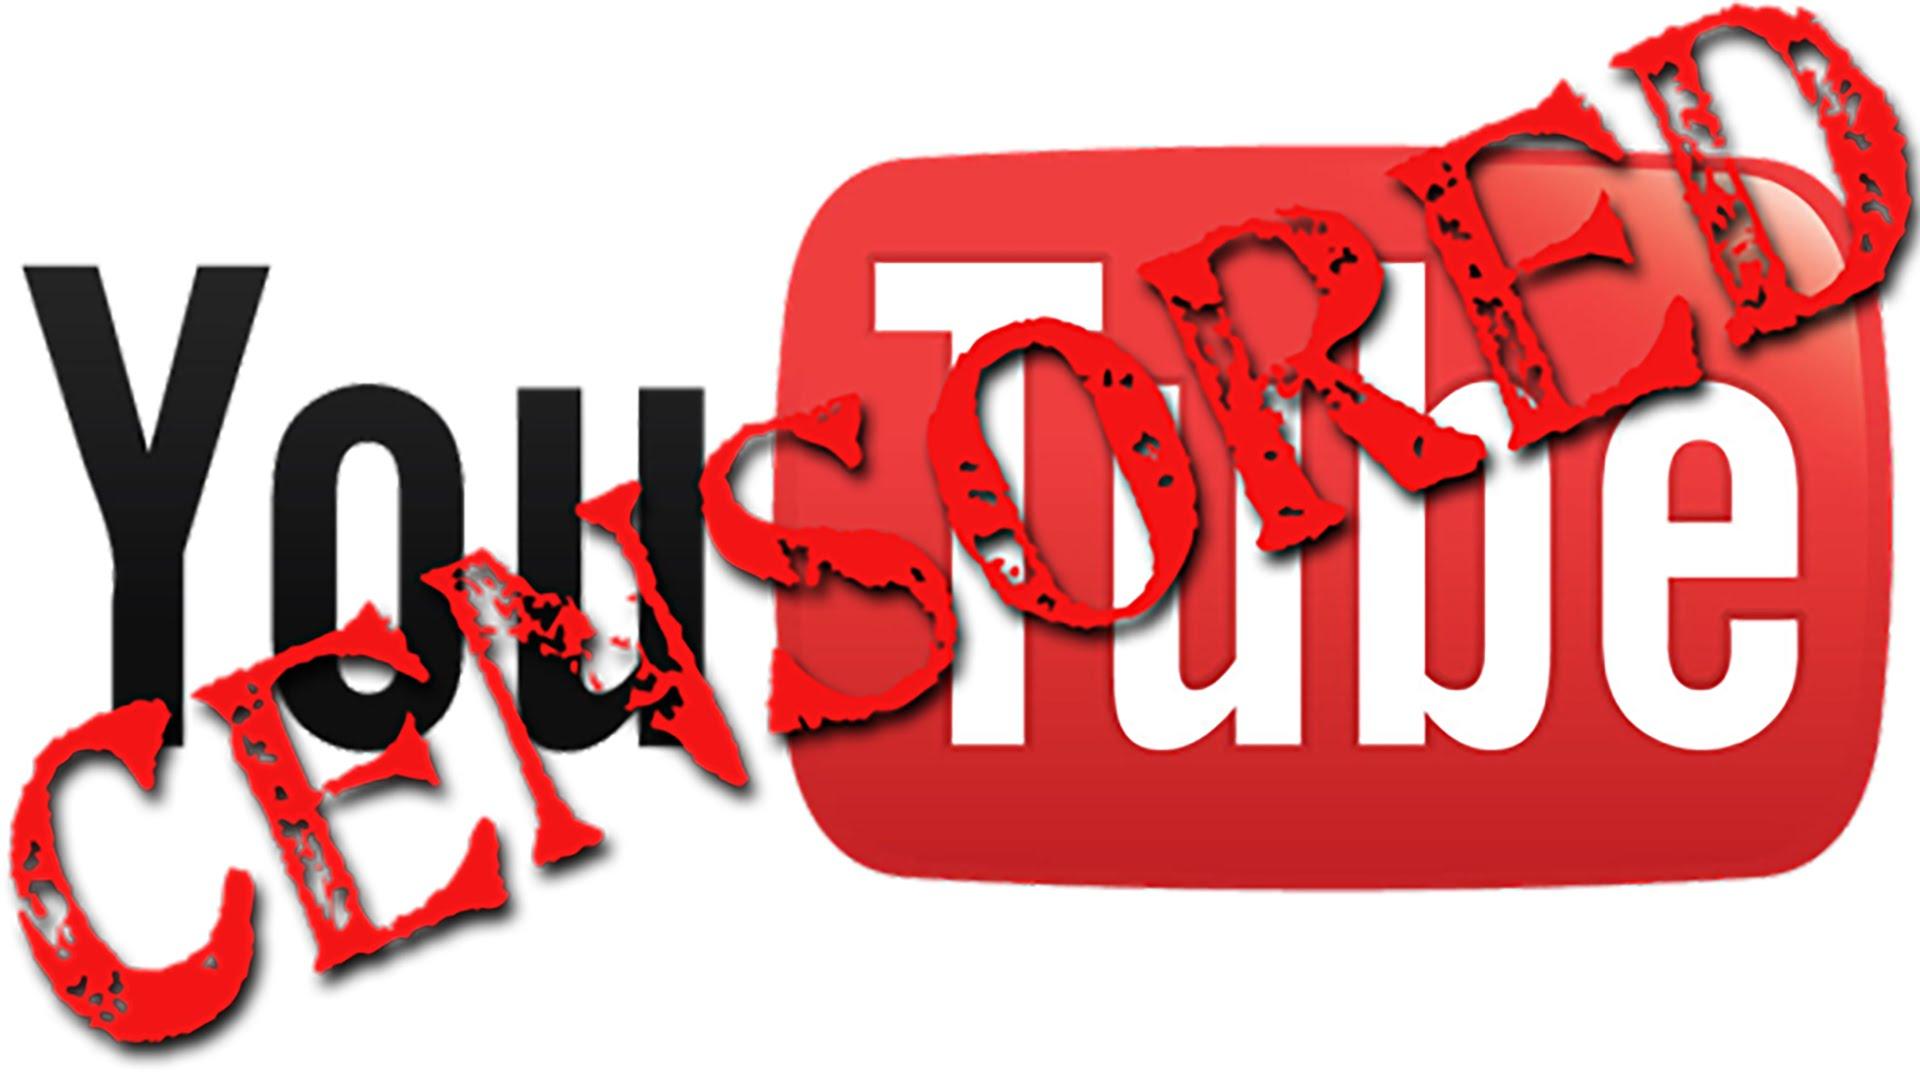 YouTube ввел санкции против украинского канала пожалобе Российской Федерации